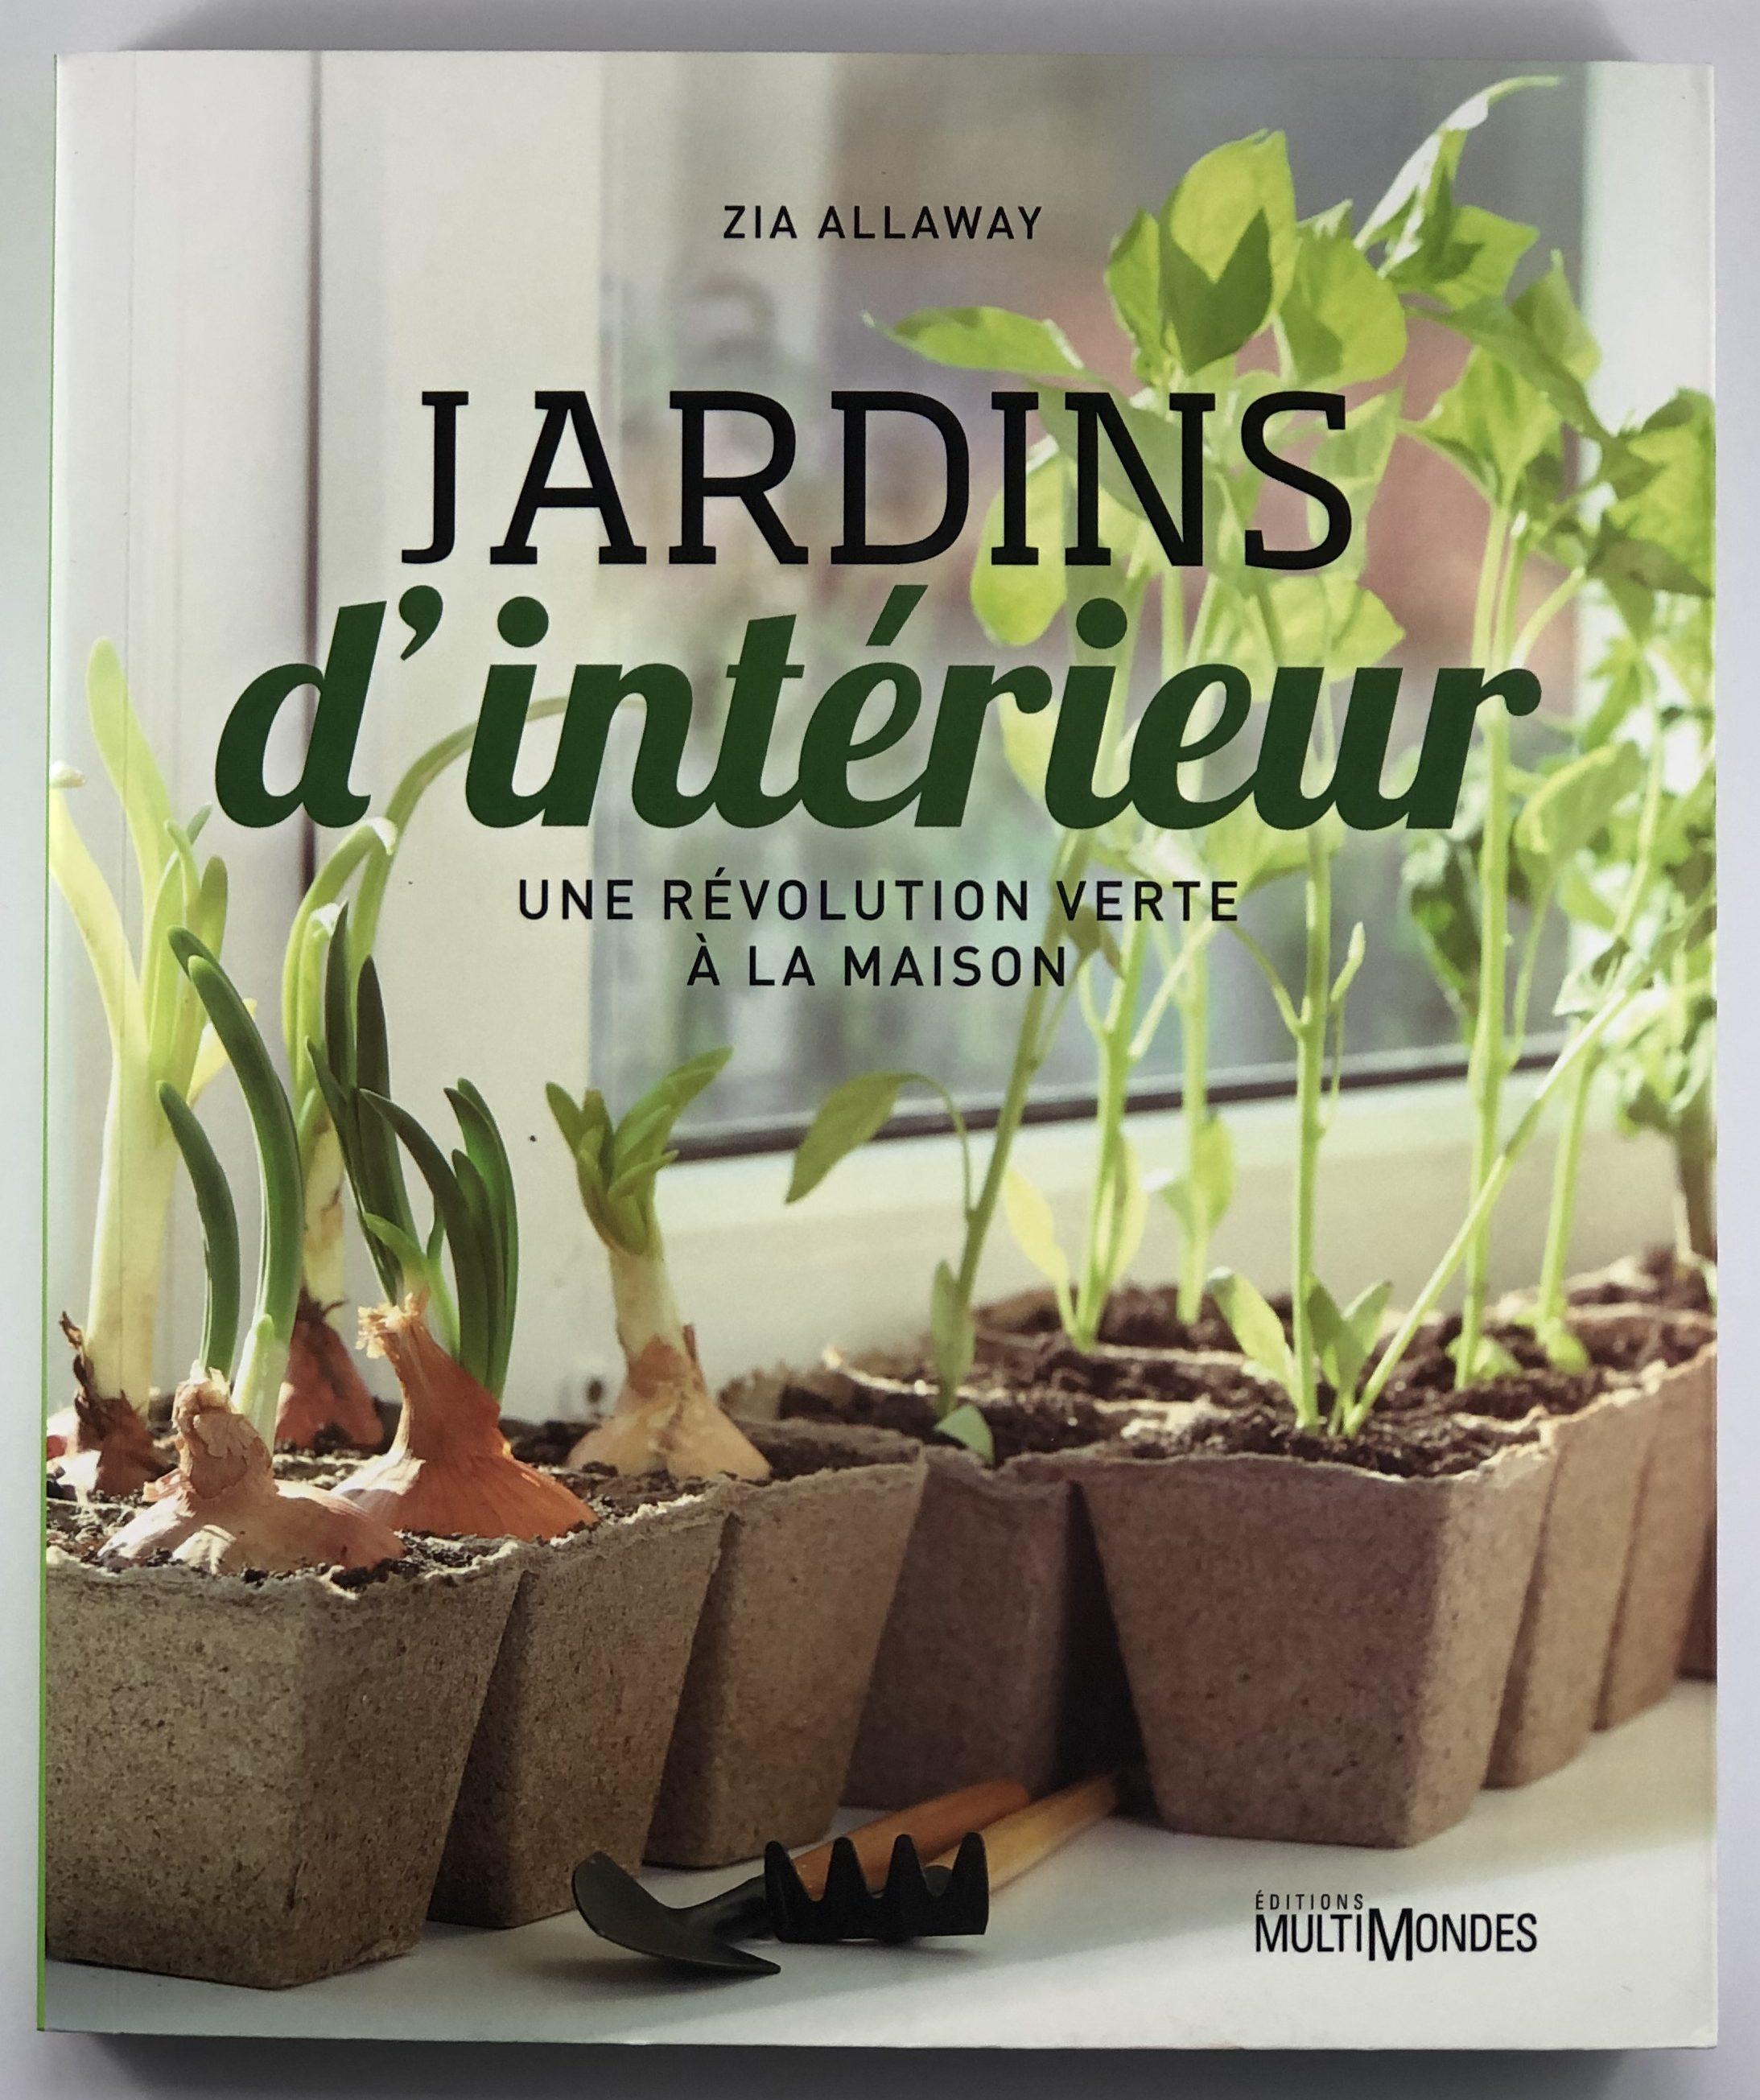 Arbre Fruitier En Pot Interieur jardins d'intérieur - une révolution verte à la maison